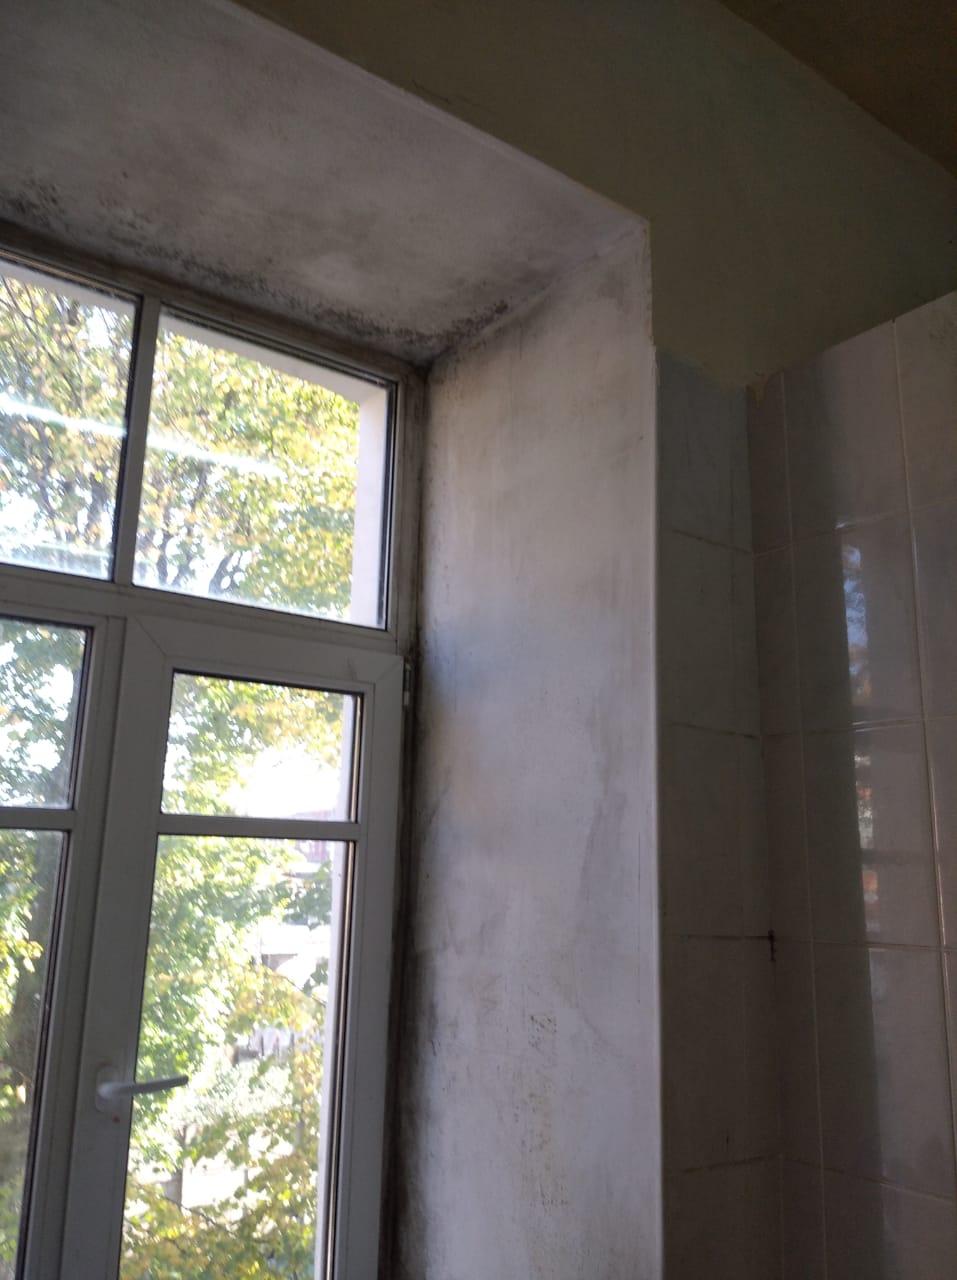 Текущий ремонт в доме «ГосЖилФонда» на улице Калинина